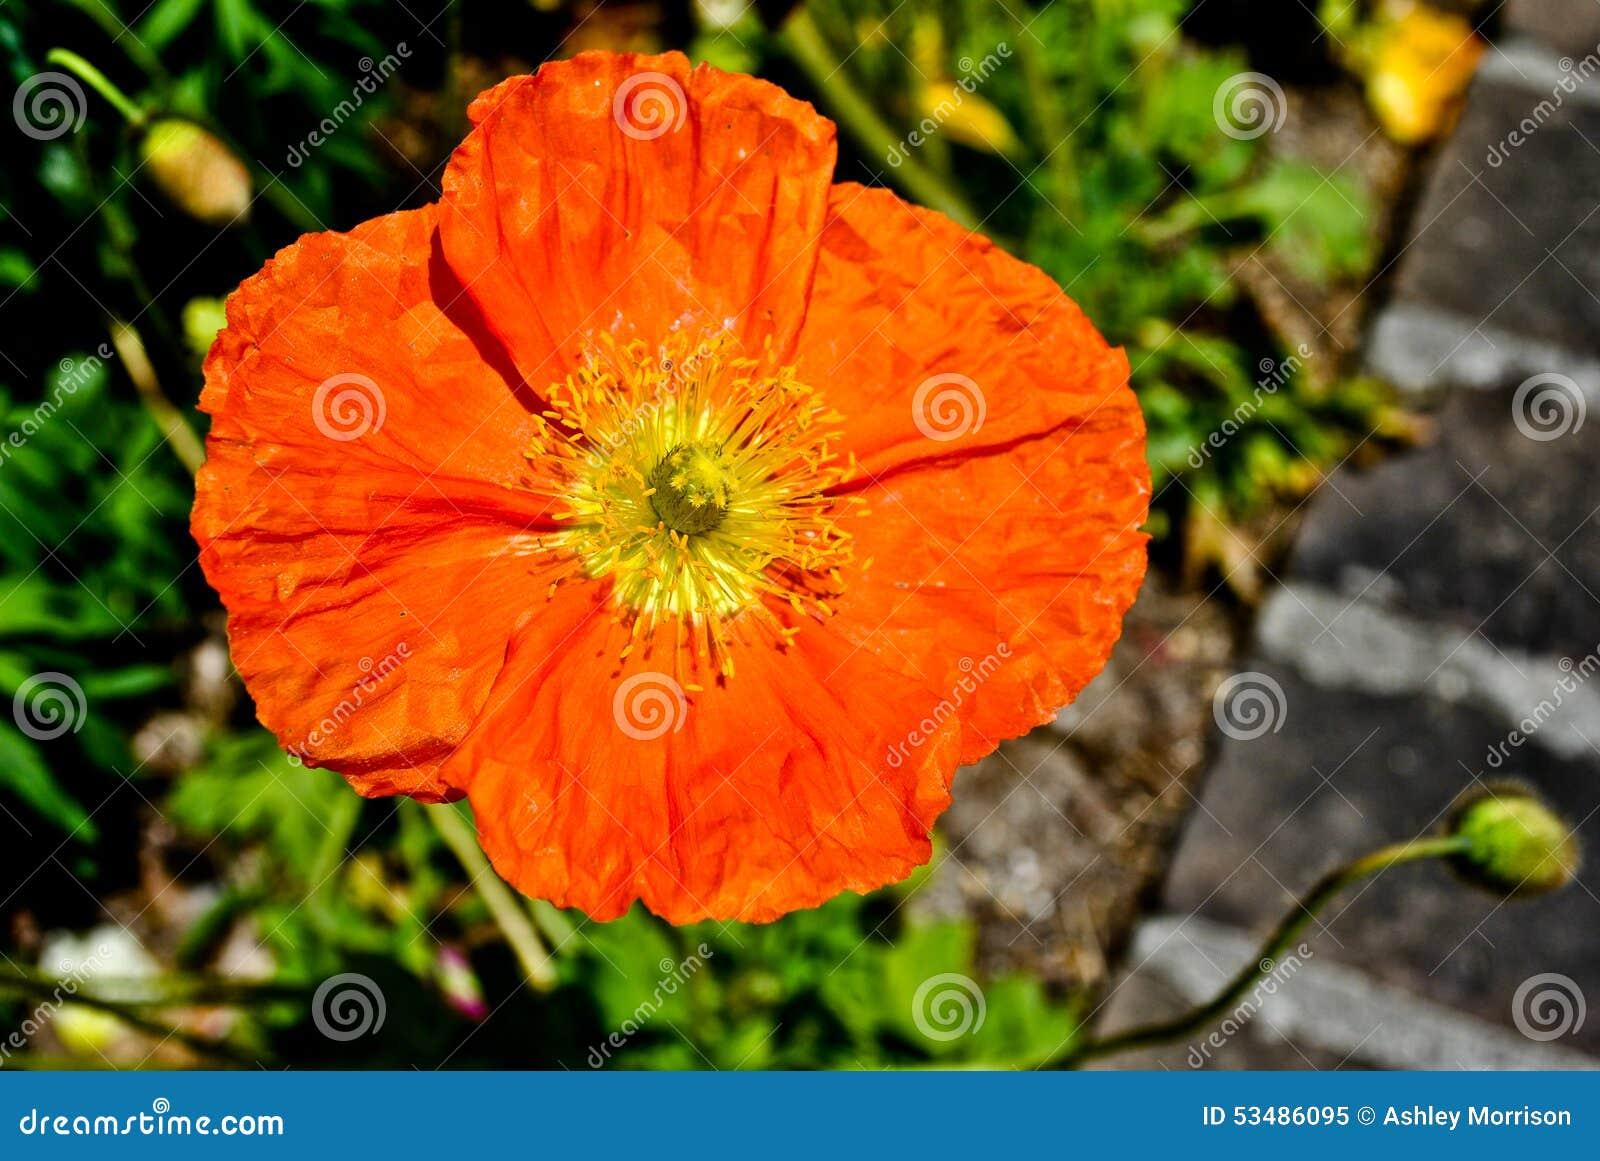 πορτοκαλιά παπαρούνα